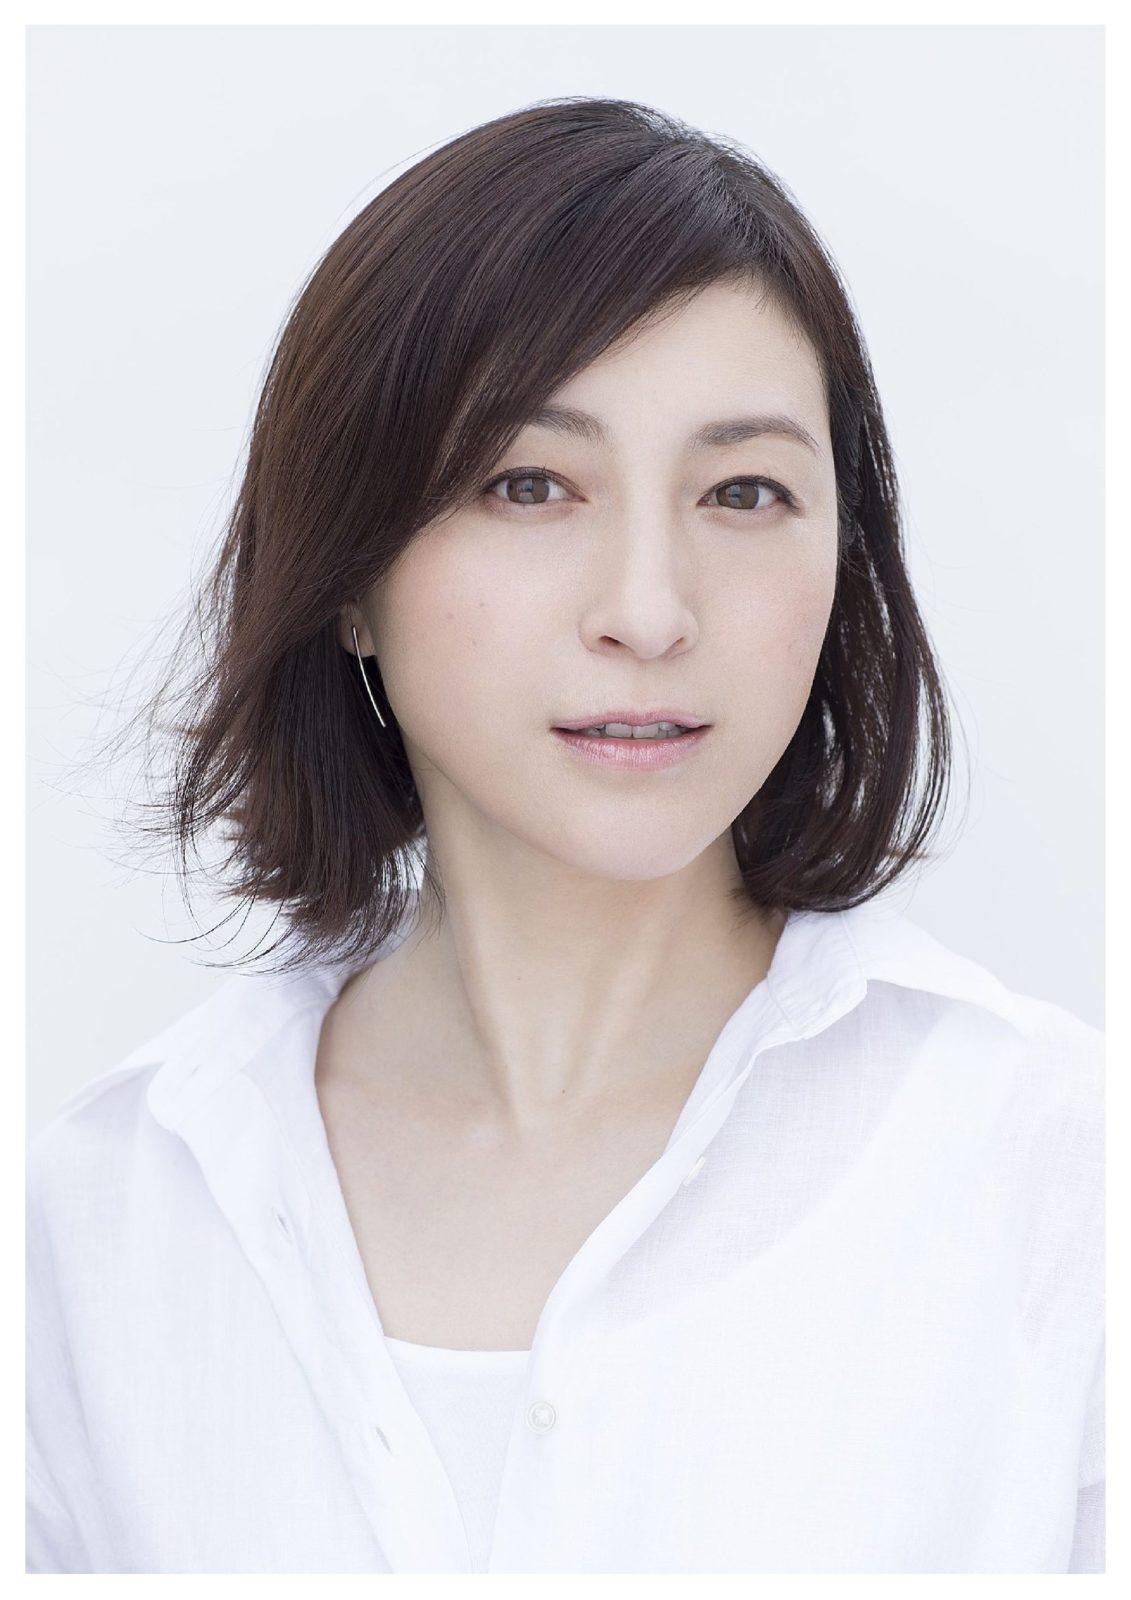 広末涼子、結婚生活を話したくなかった理由を明かす「今の時代は…」サムネイル画像